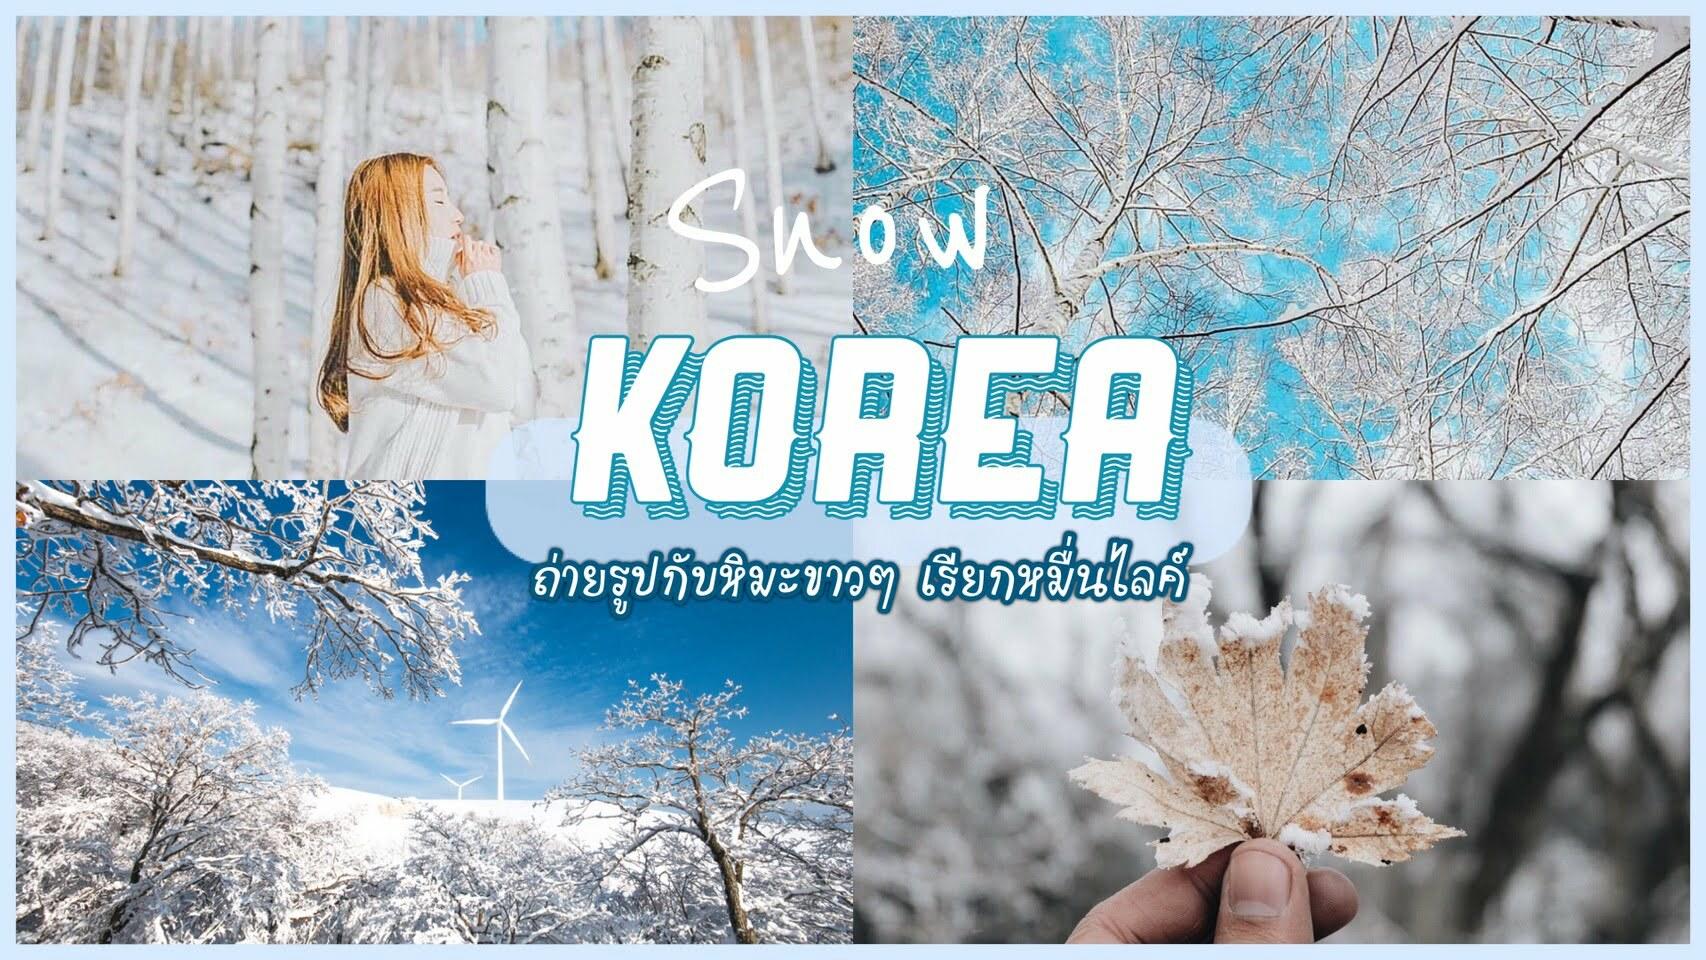 เที่ยวเกาหลีหน้าหนาว ถ่ายรูปกับหิมะขาวๆเรียกหมื่นไลค์